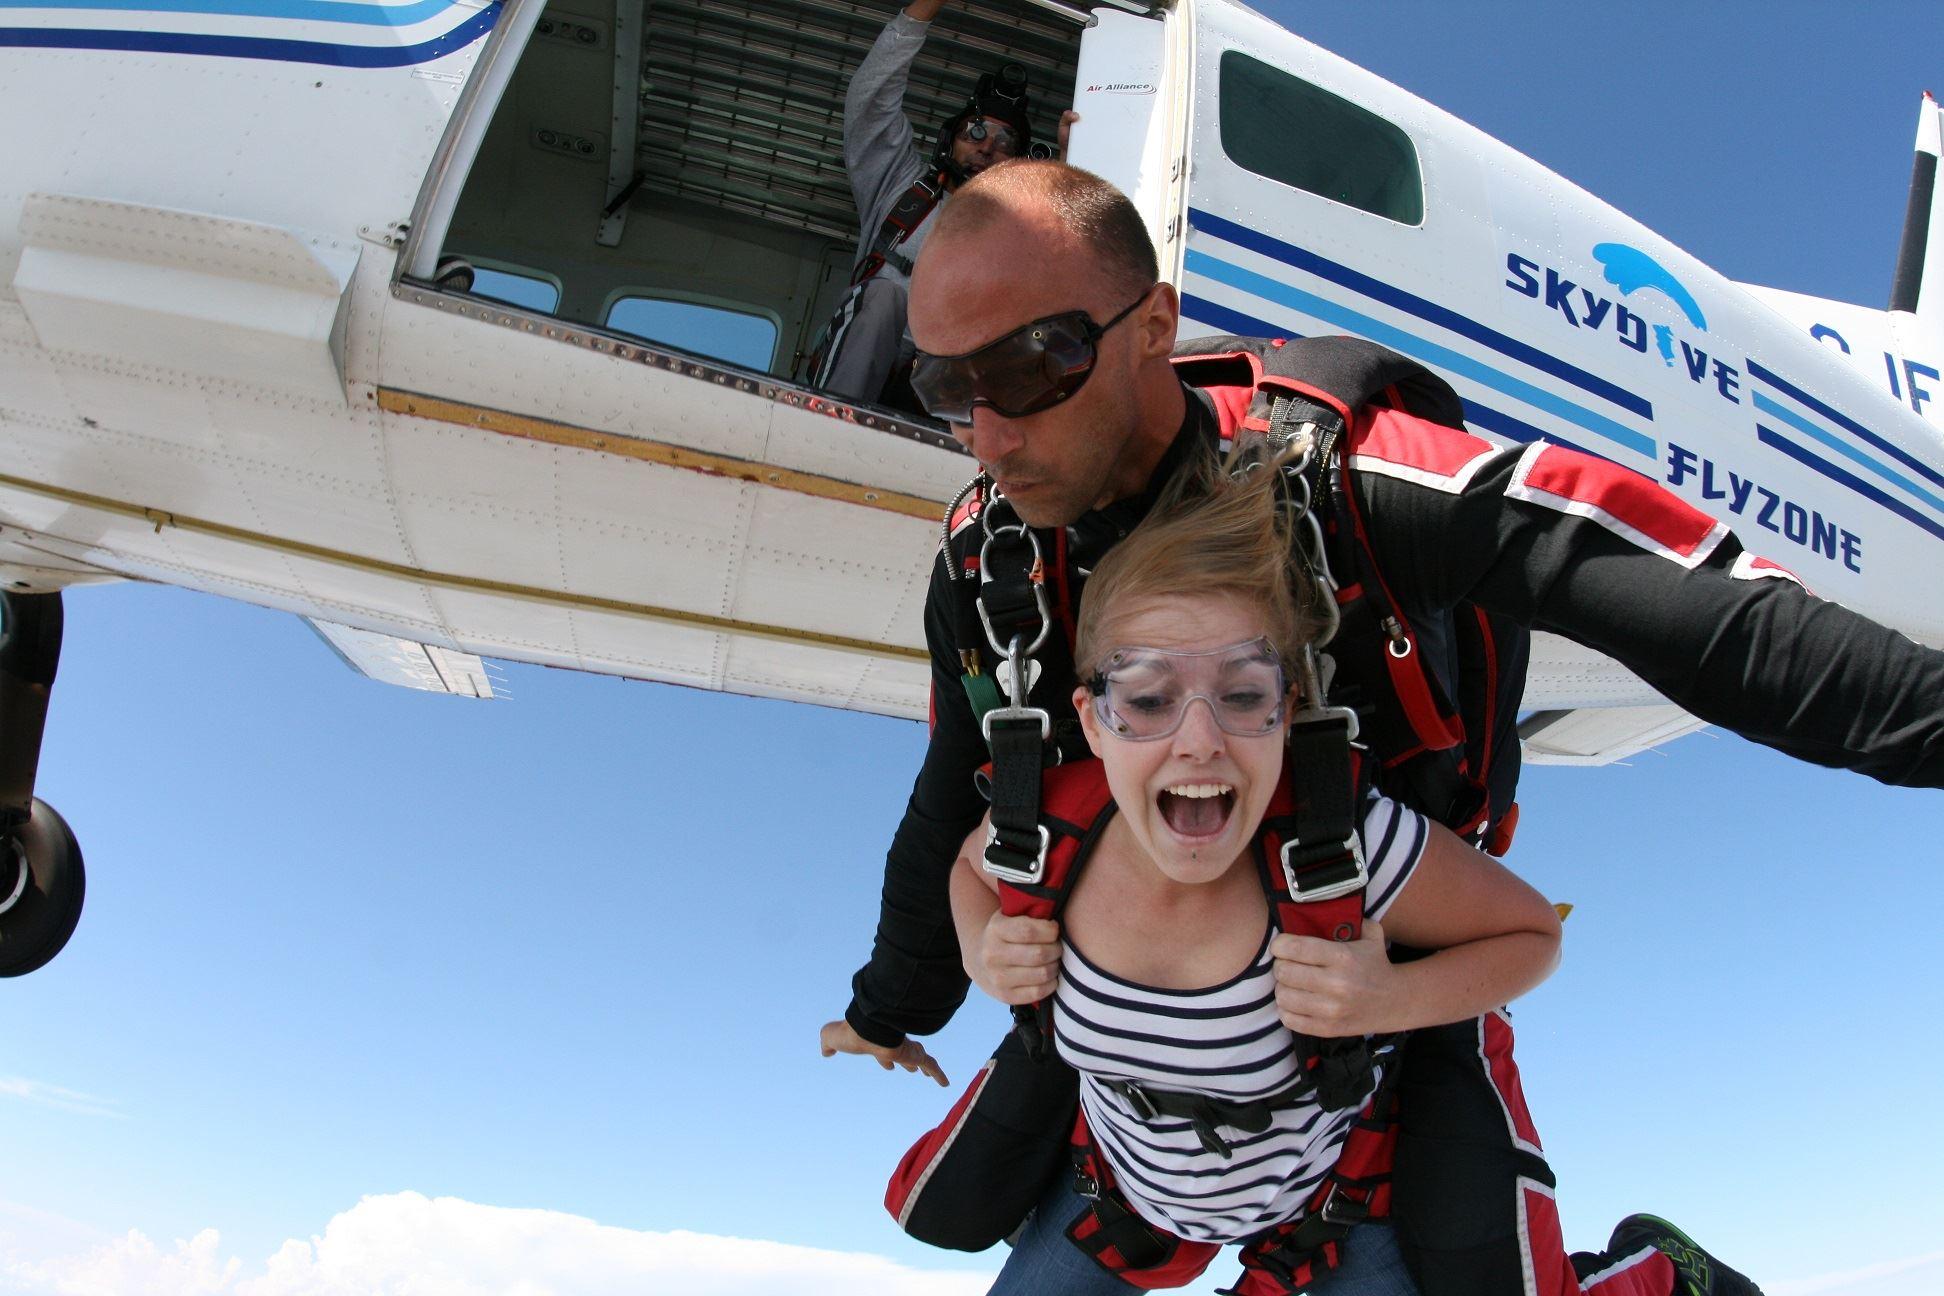 Chutextrem: salto en paracaídas tandem